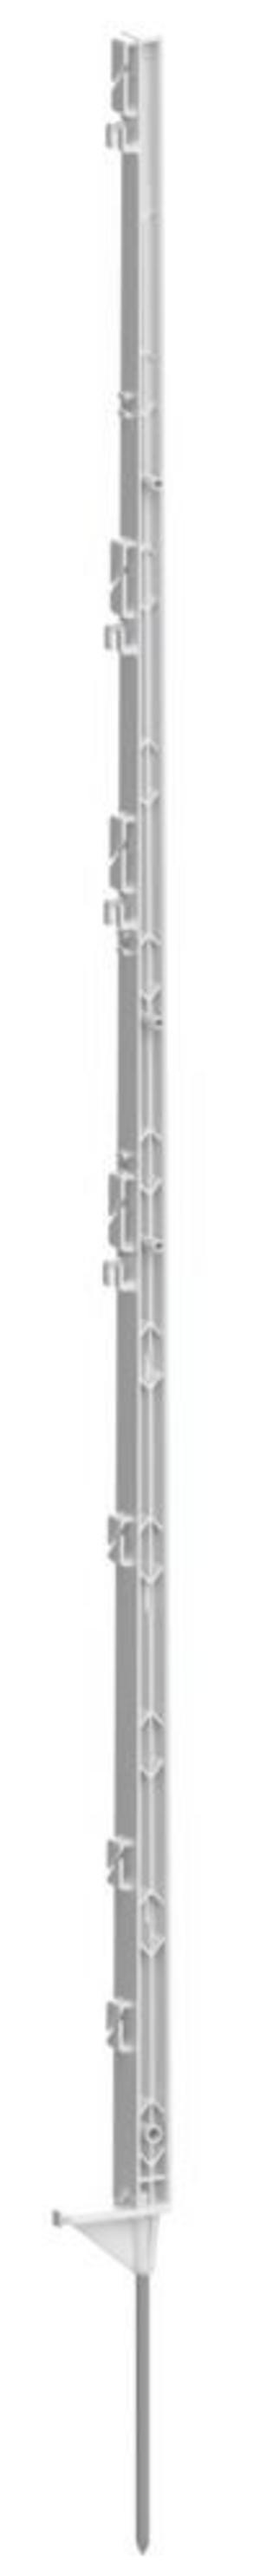 Picchetto Bianco 156 cm confezione da 5 pz